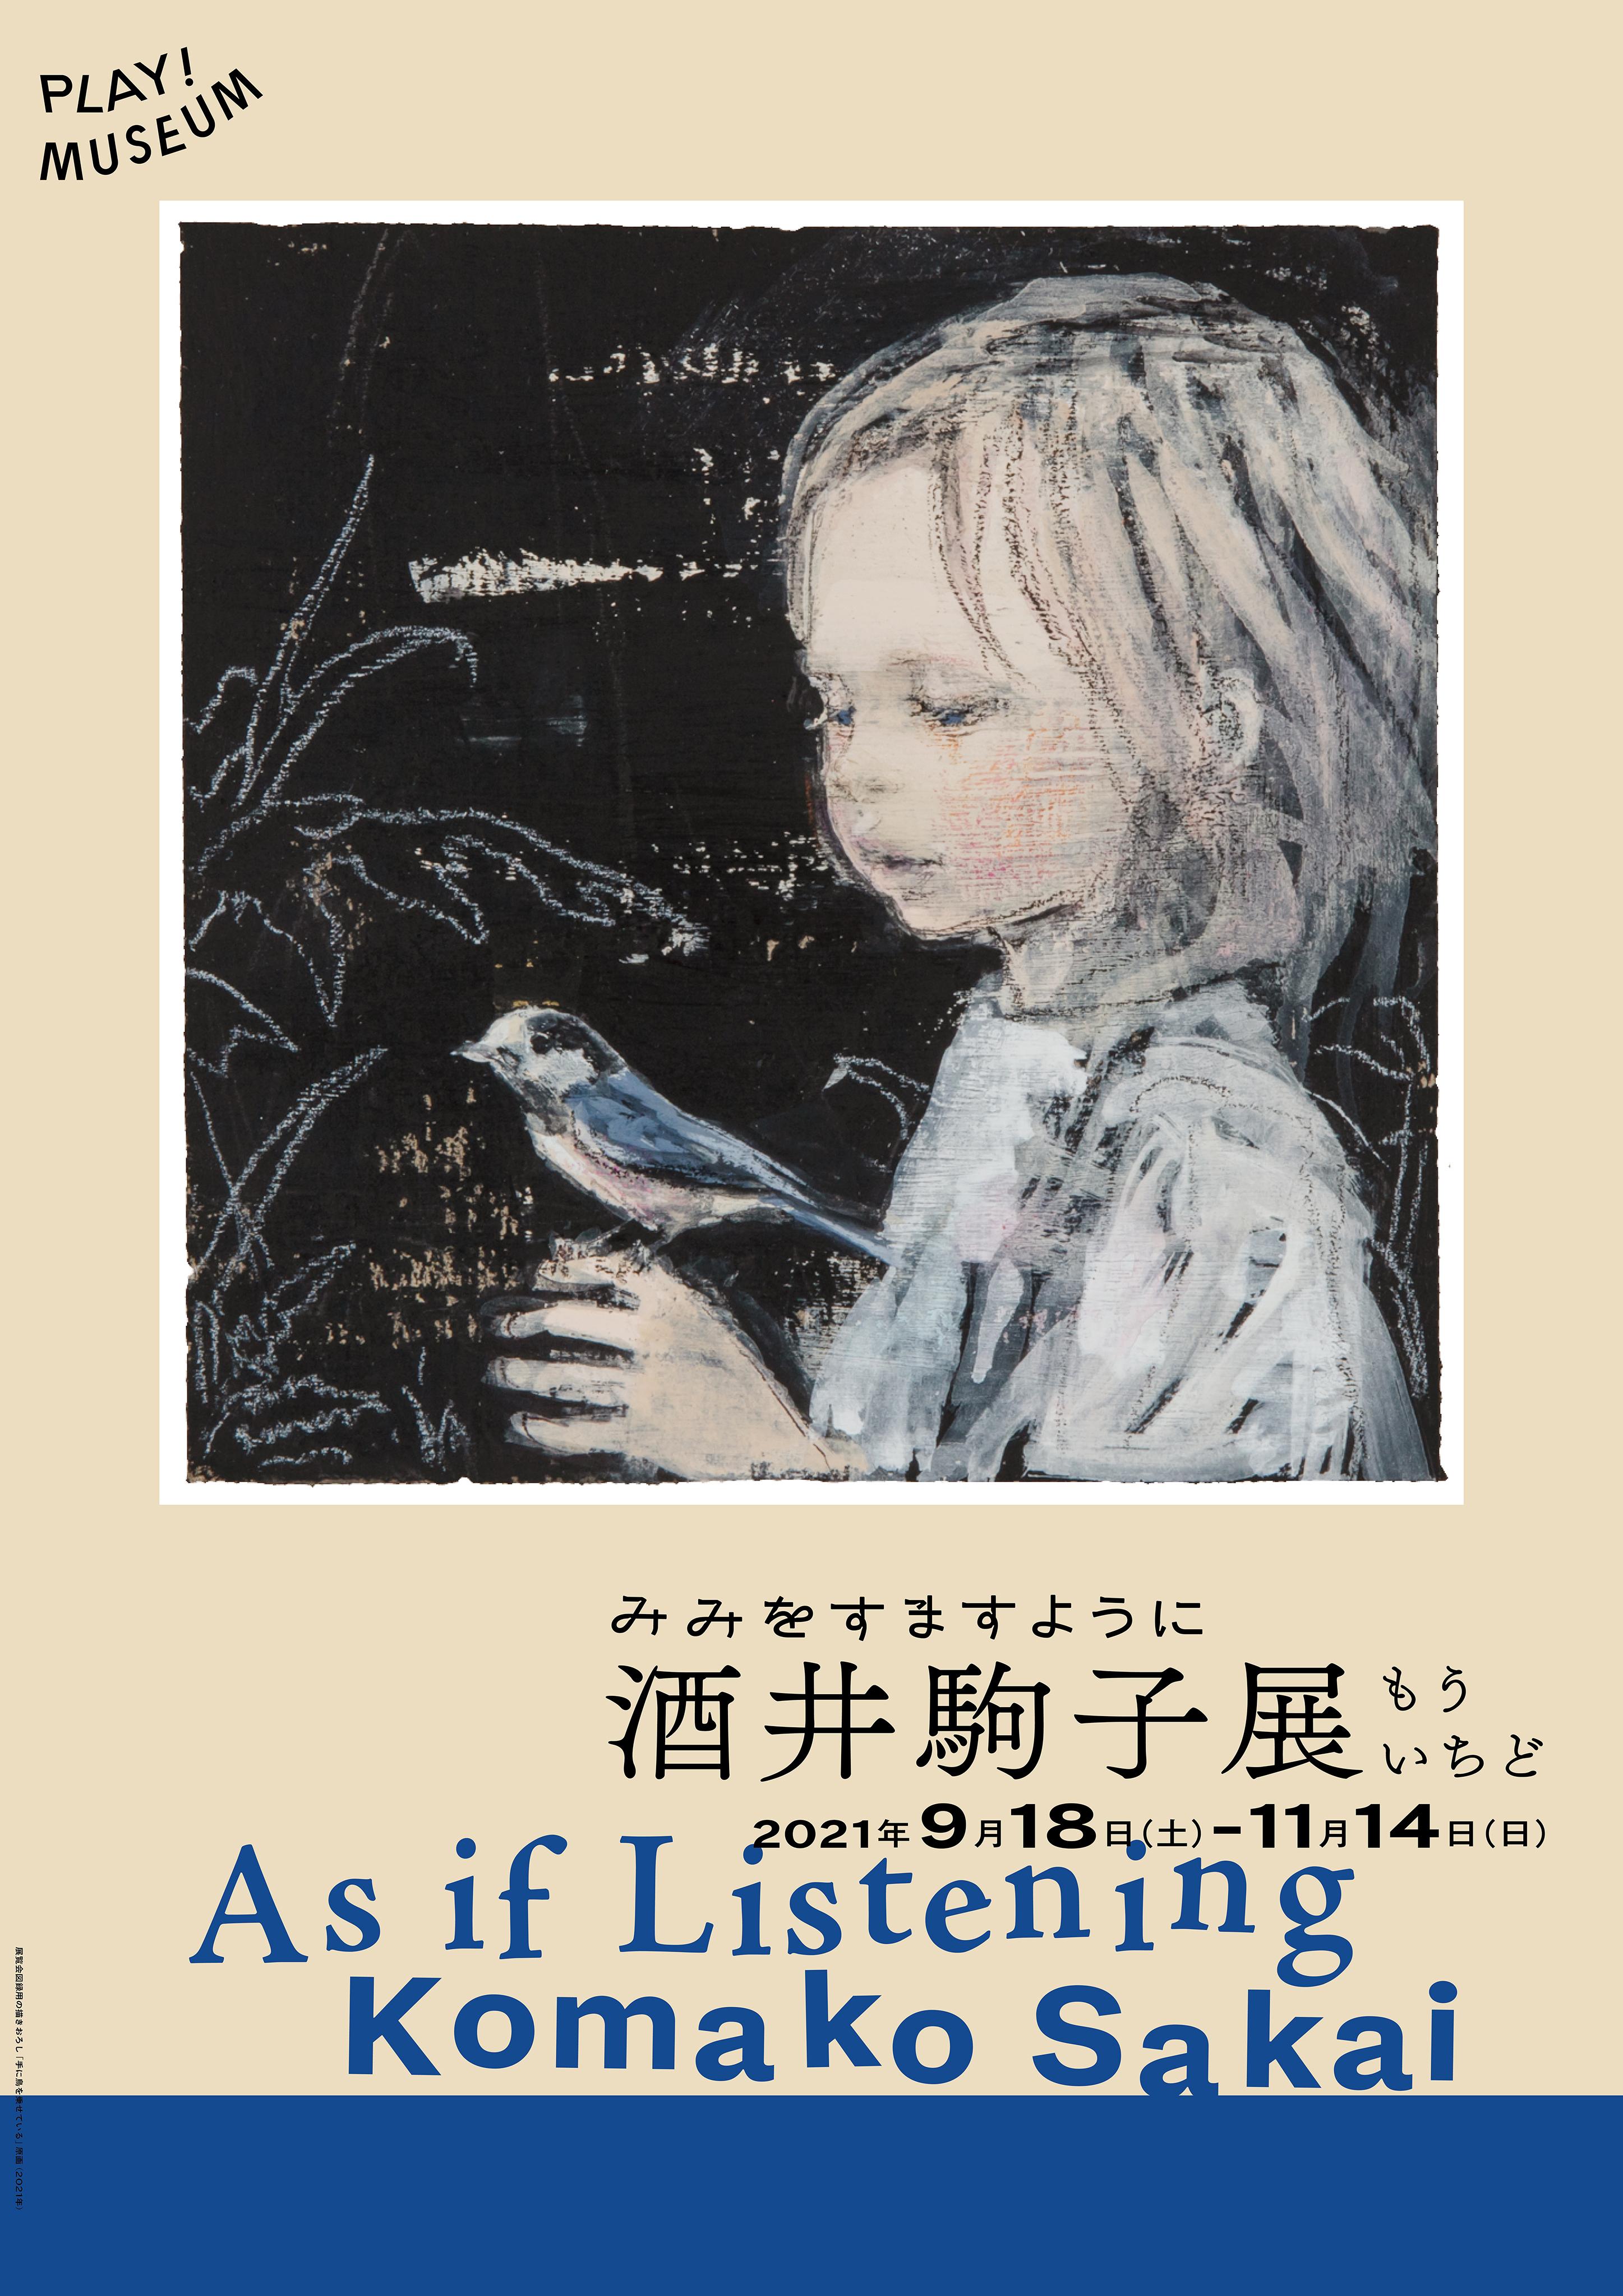 静かな絵本の世界を「酒井駒子展」で体験して